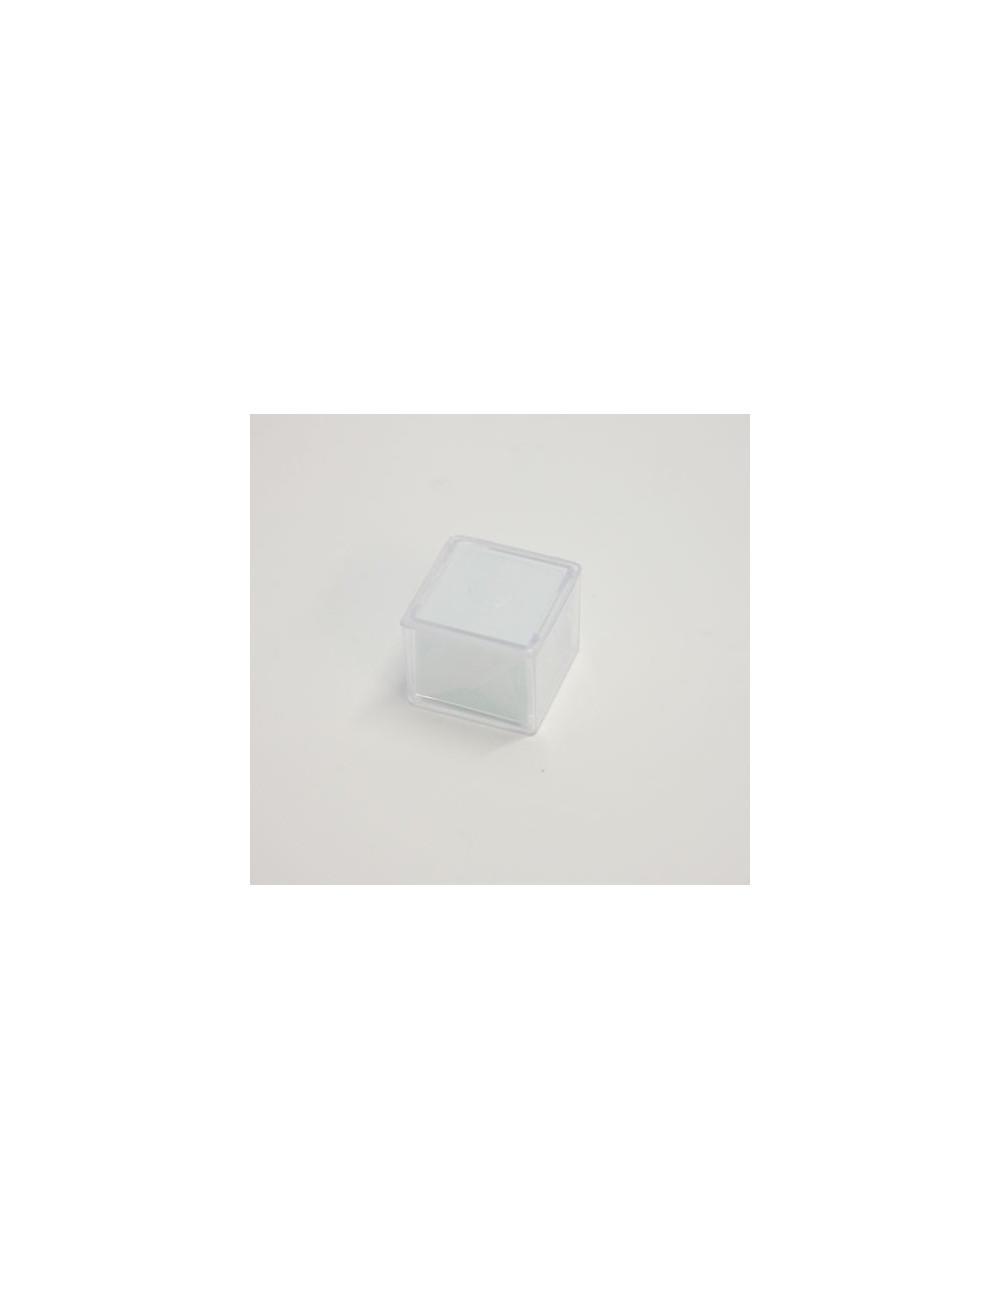 Lamelles en verre couvre objet 20x20 mm